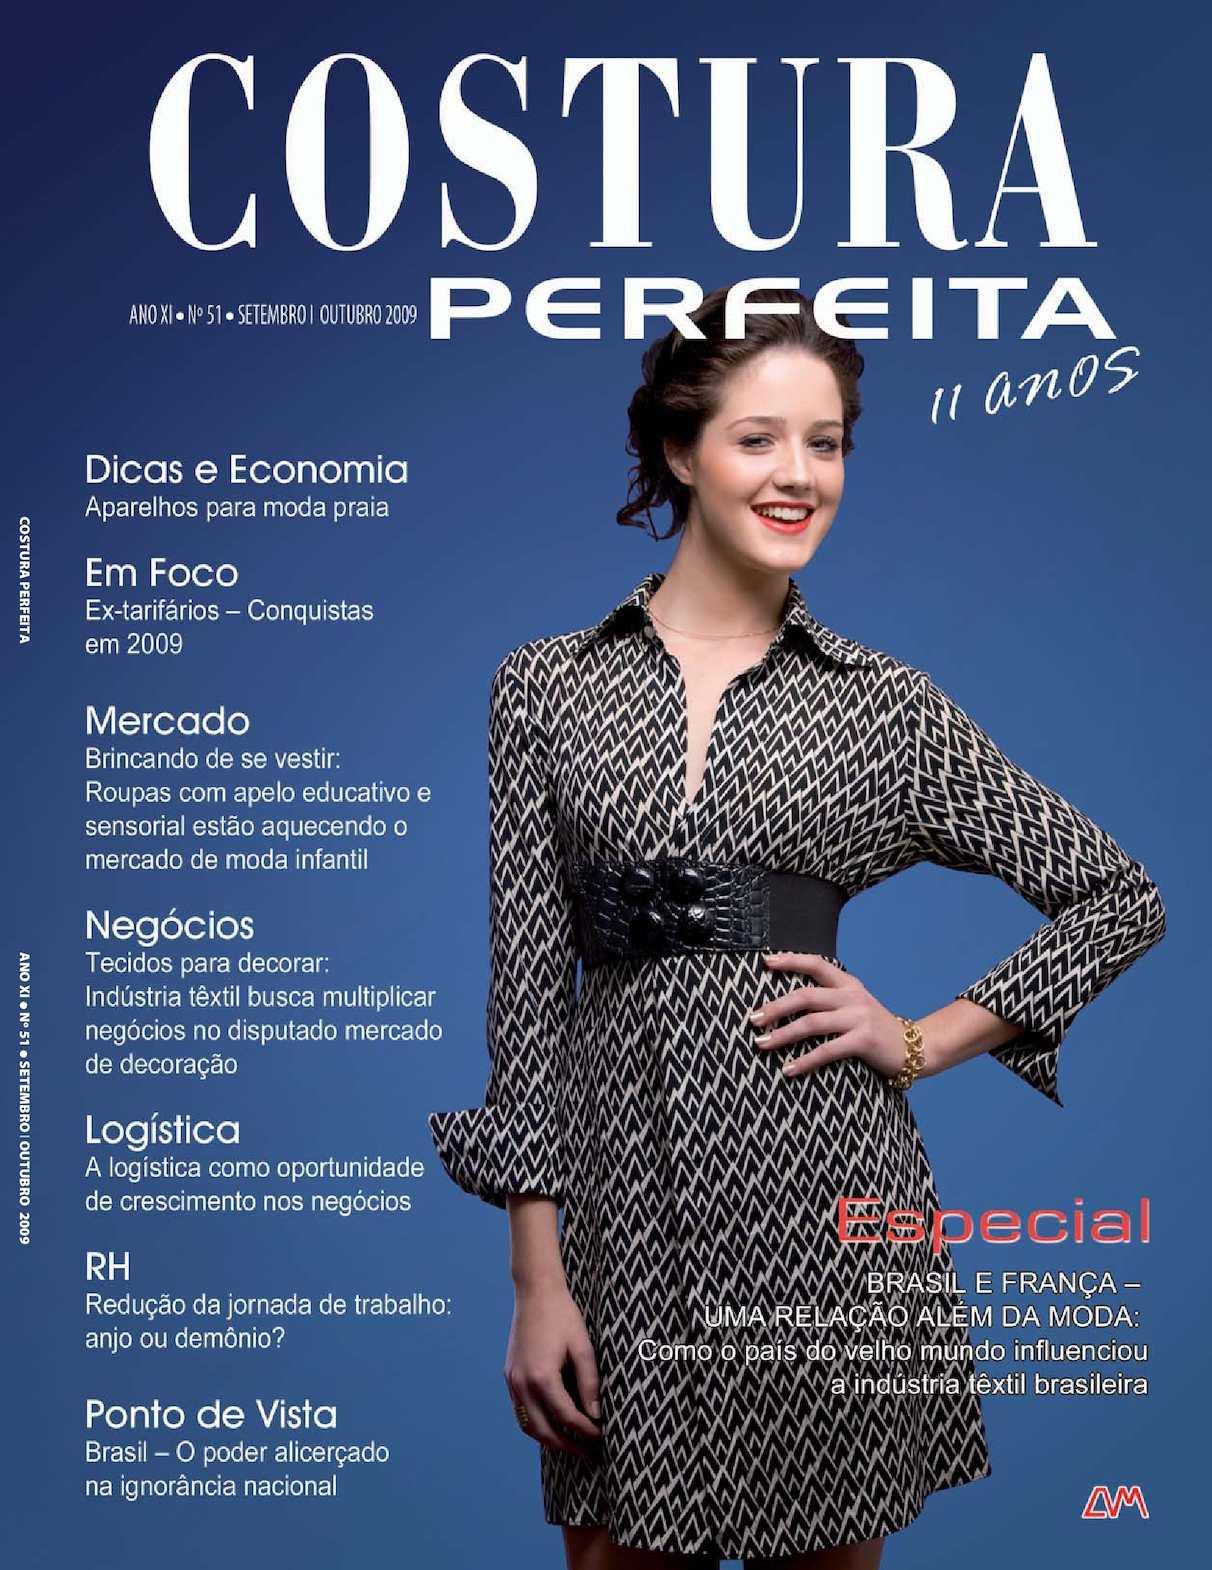 1e15d82706289 Calaméo - Revista Costura Perfeita Edição Ano XI - N51 - Setembro-Outubro  2009